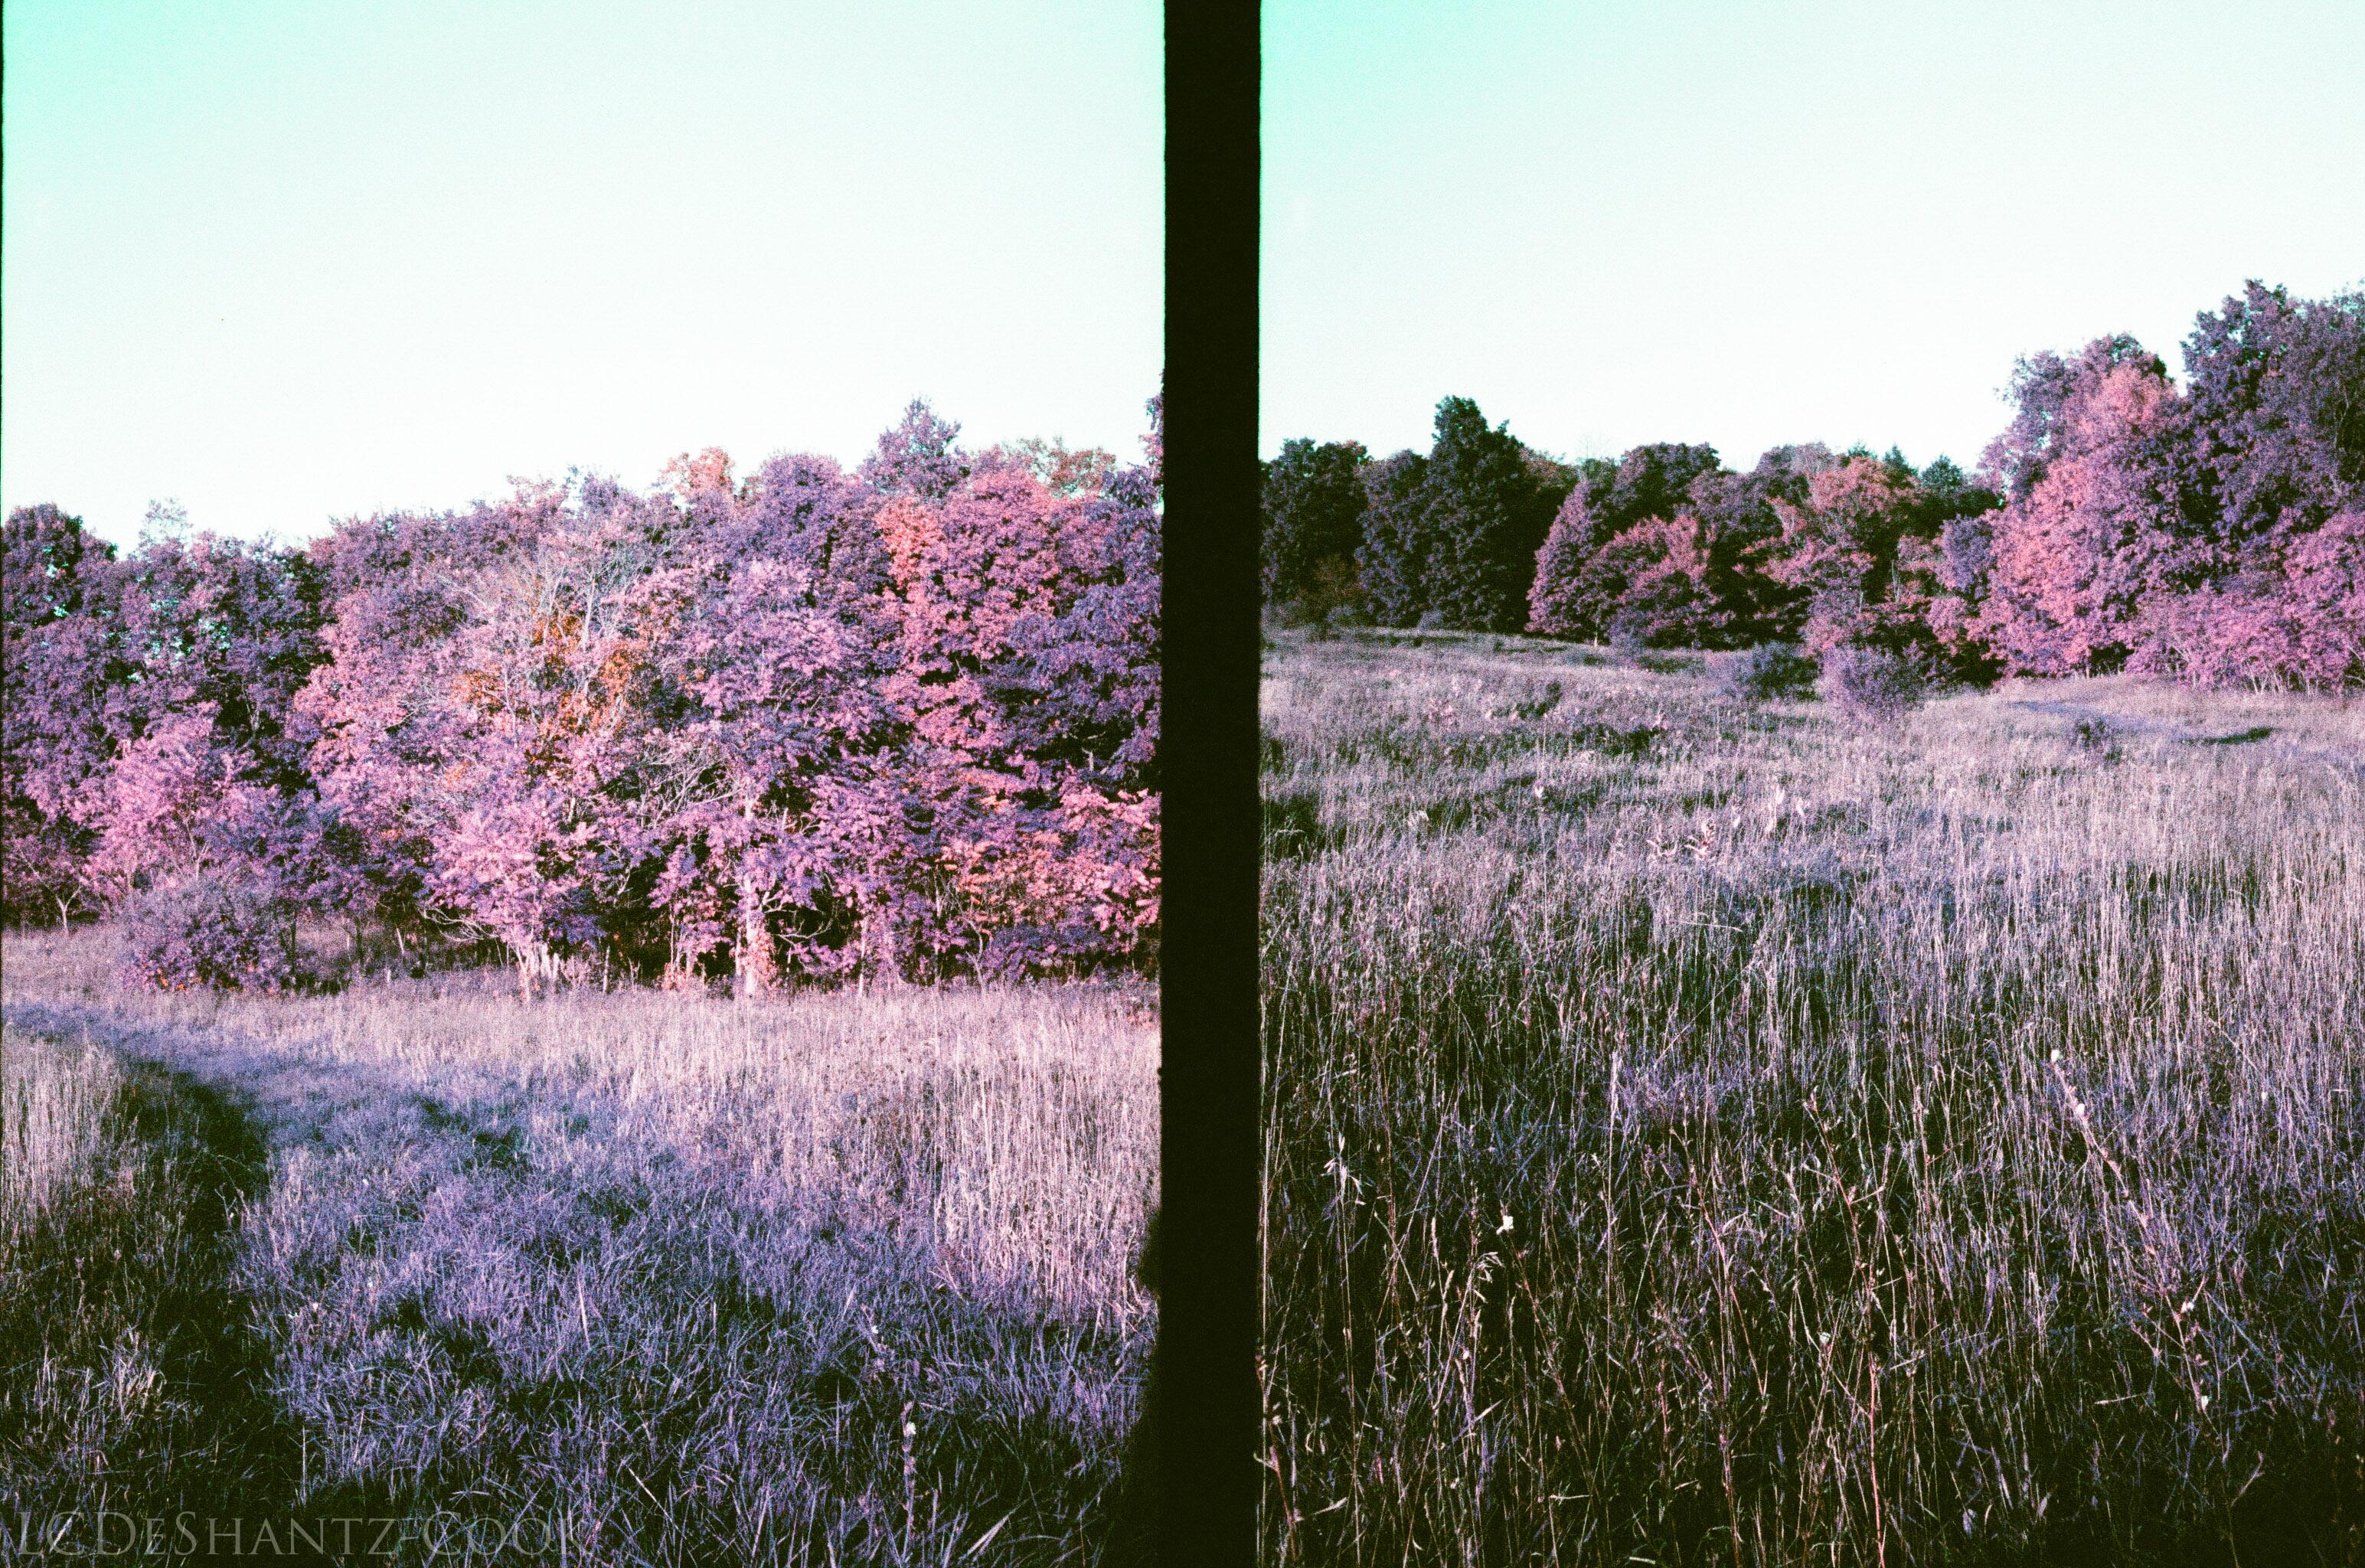 ldc_20161026_77790033ee3_lomo_purple_200